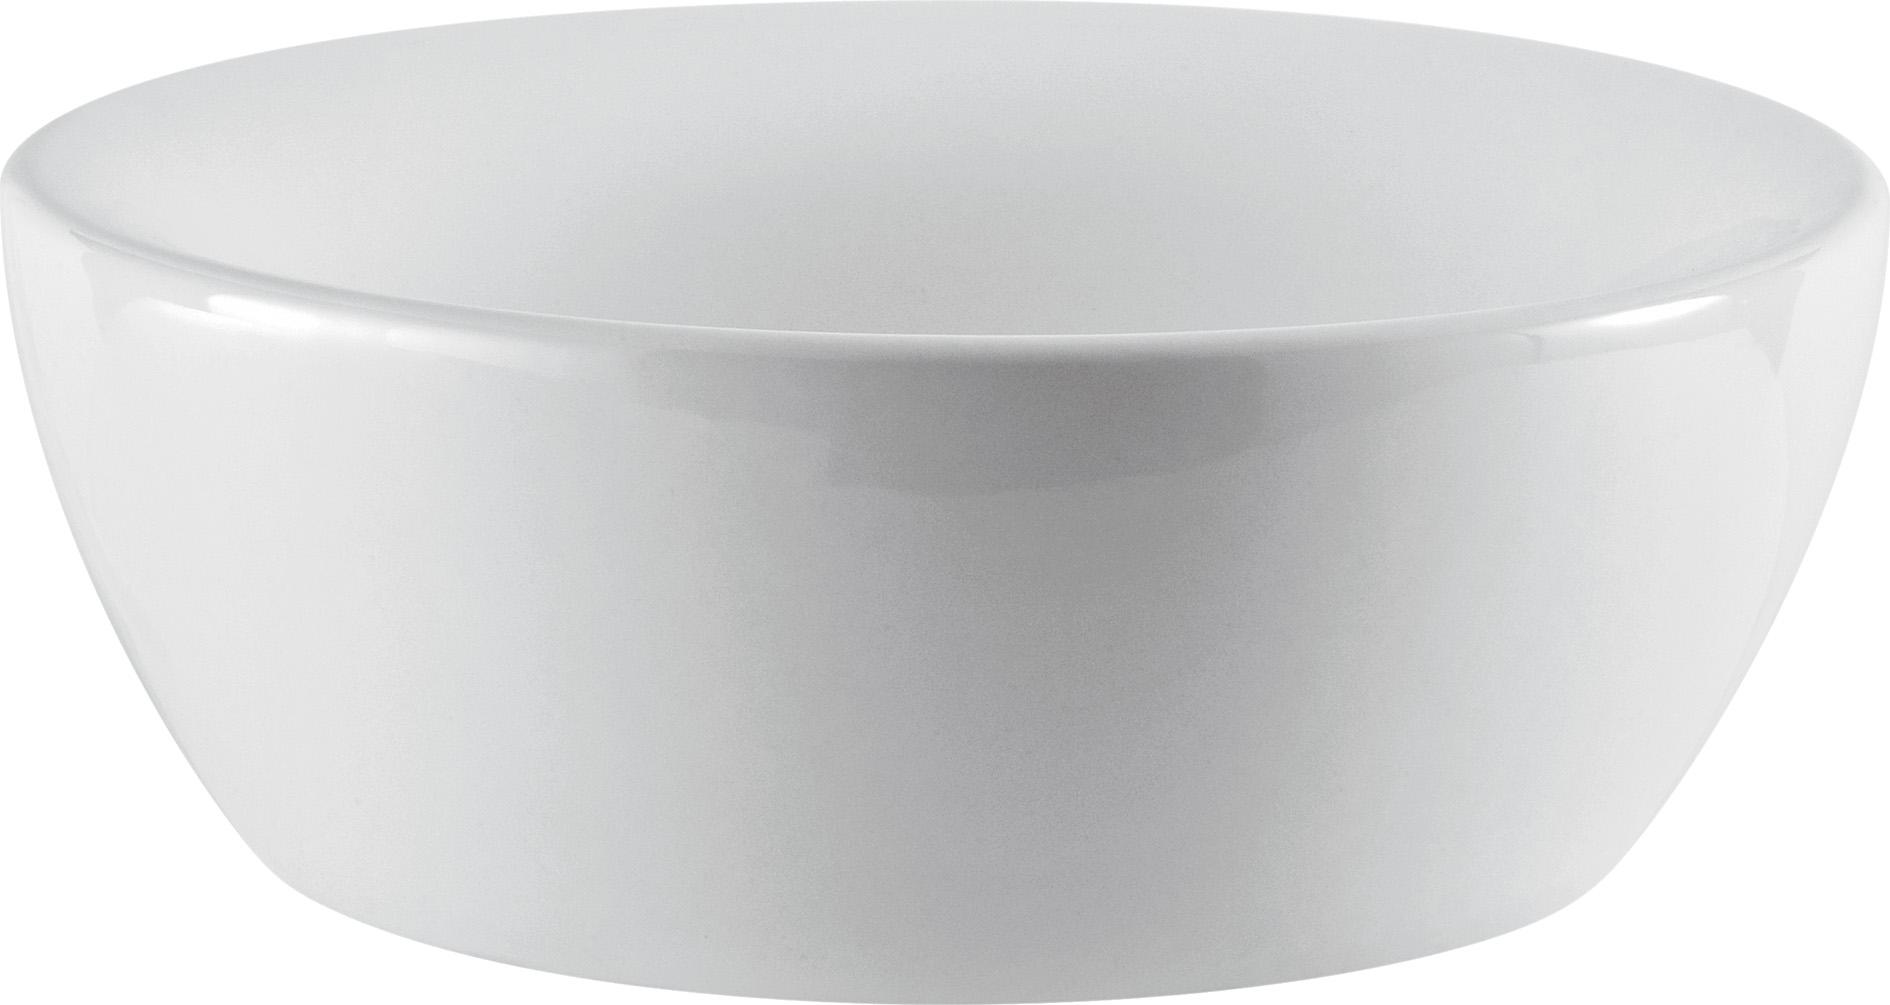 Умывальник мебельный Cersanit Inteo 47 без отверстия (K11-0049)